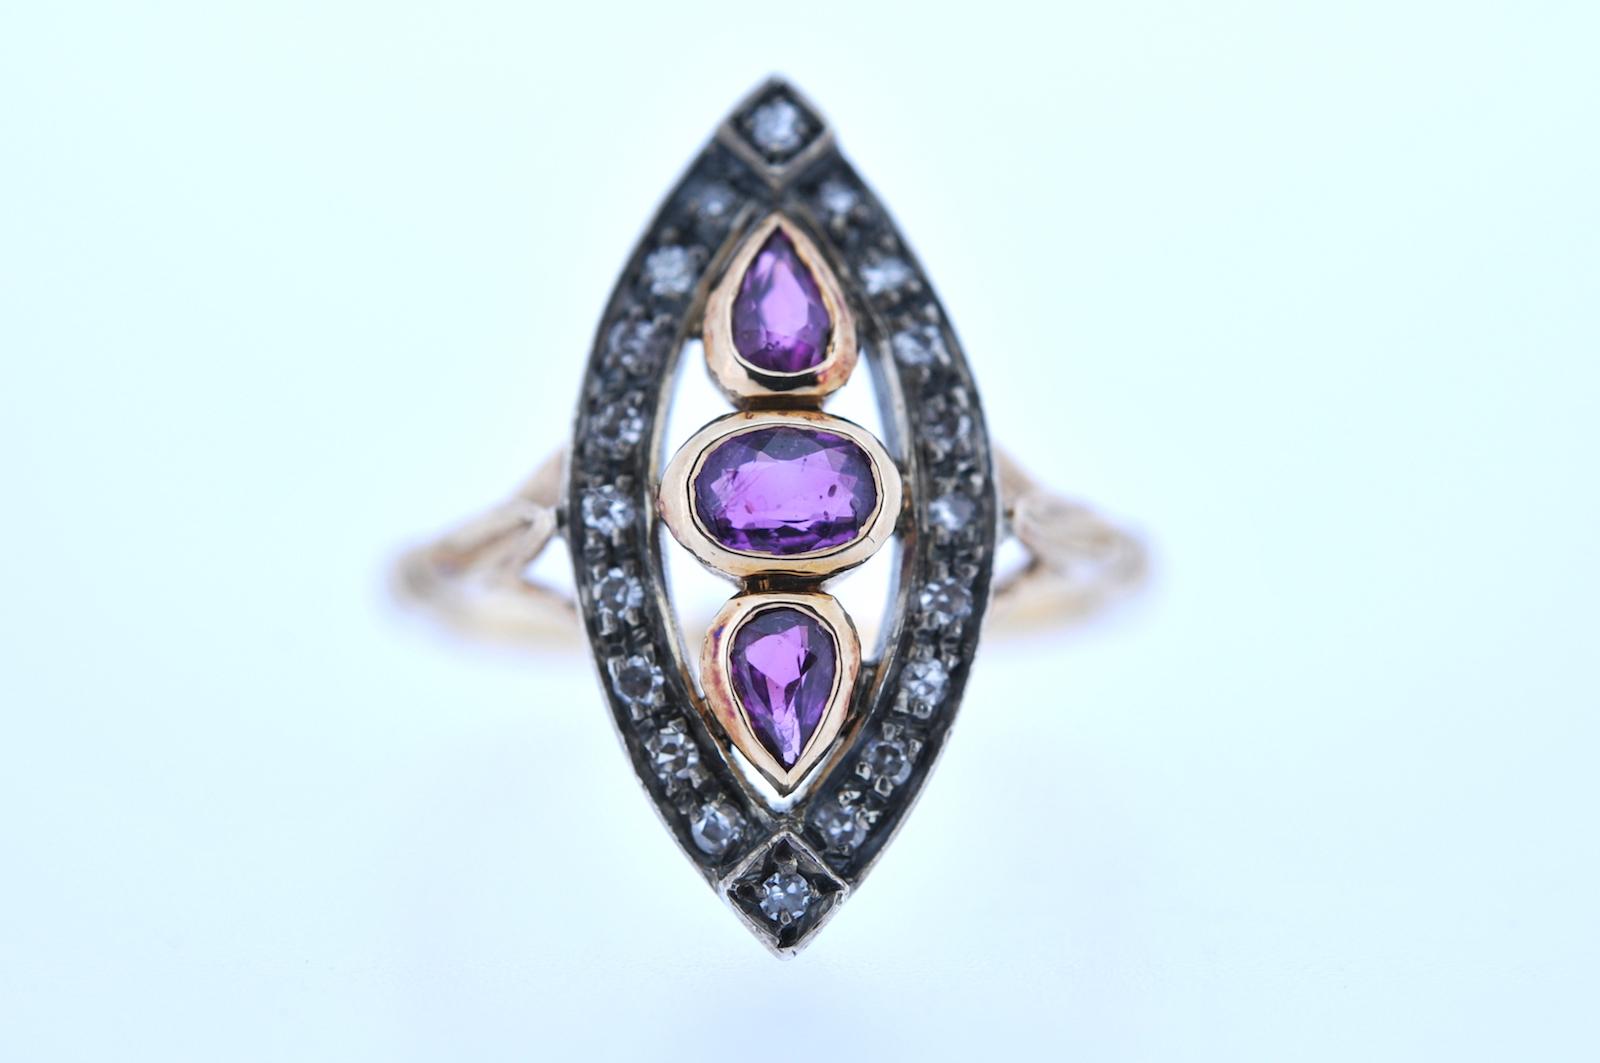 #42 Ring Image